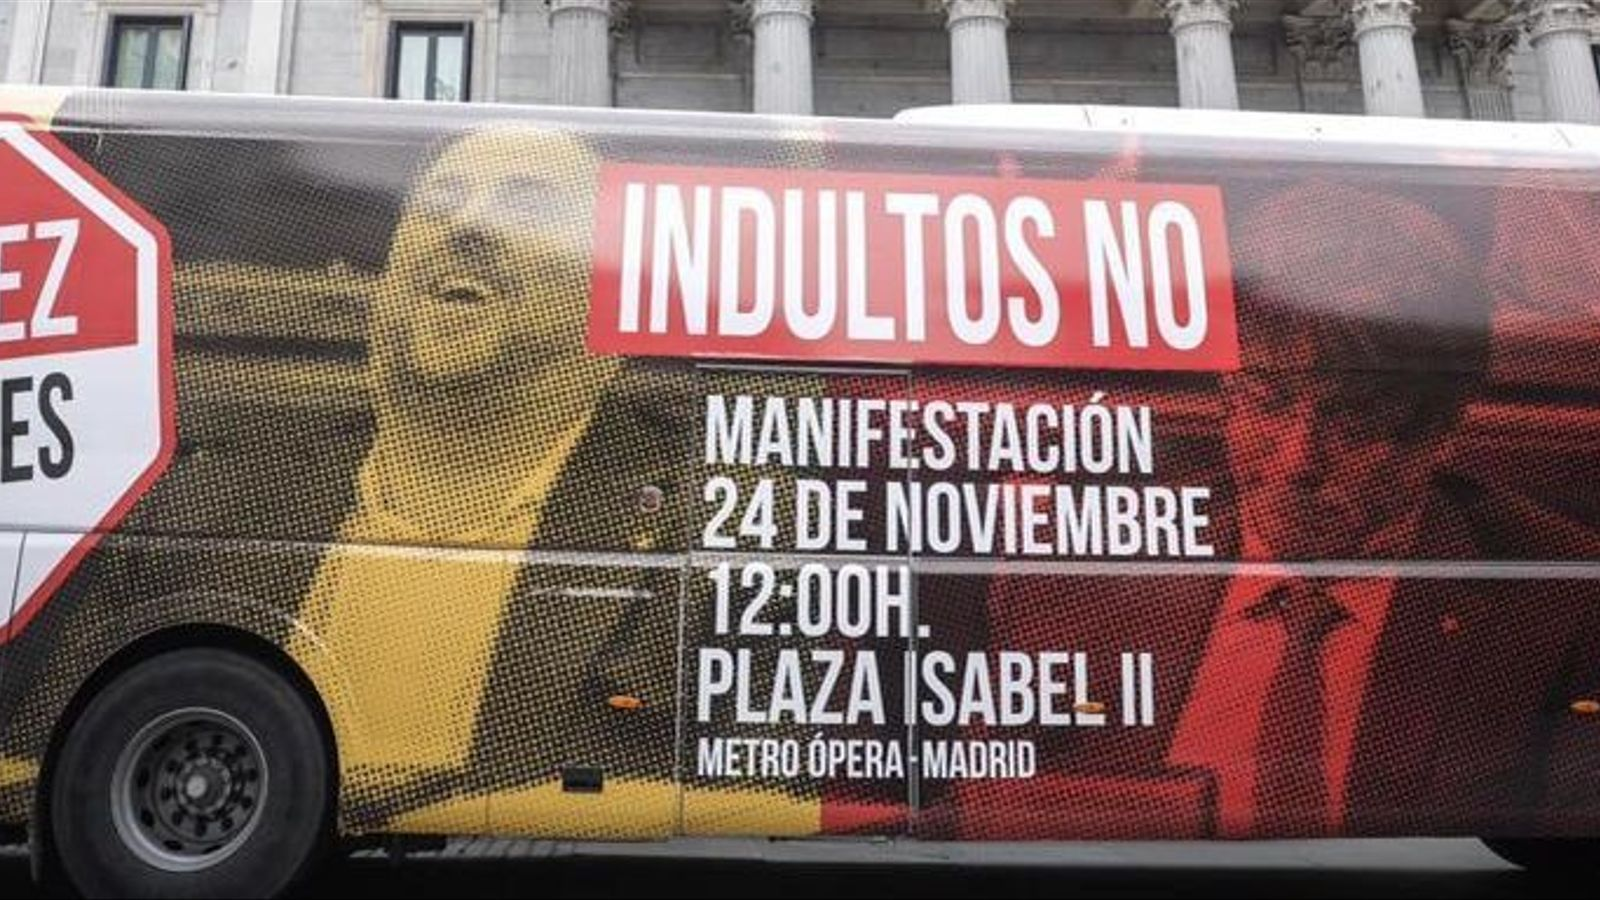 Un autobús de Cs recorre Madrid en contra dels indults amb la imatge de Junqueras somrient